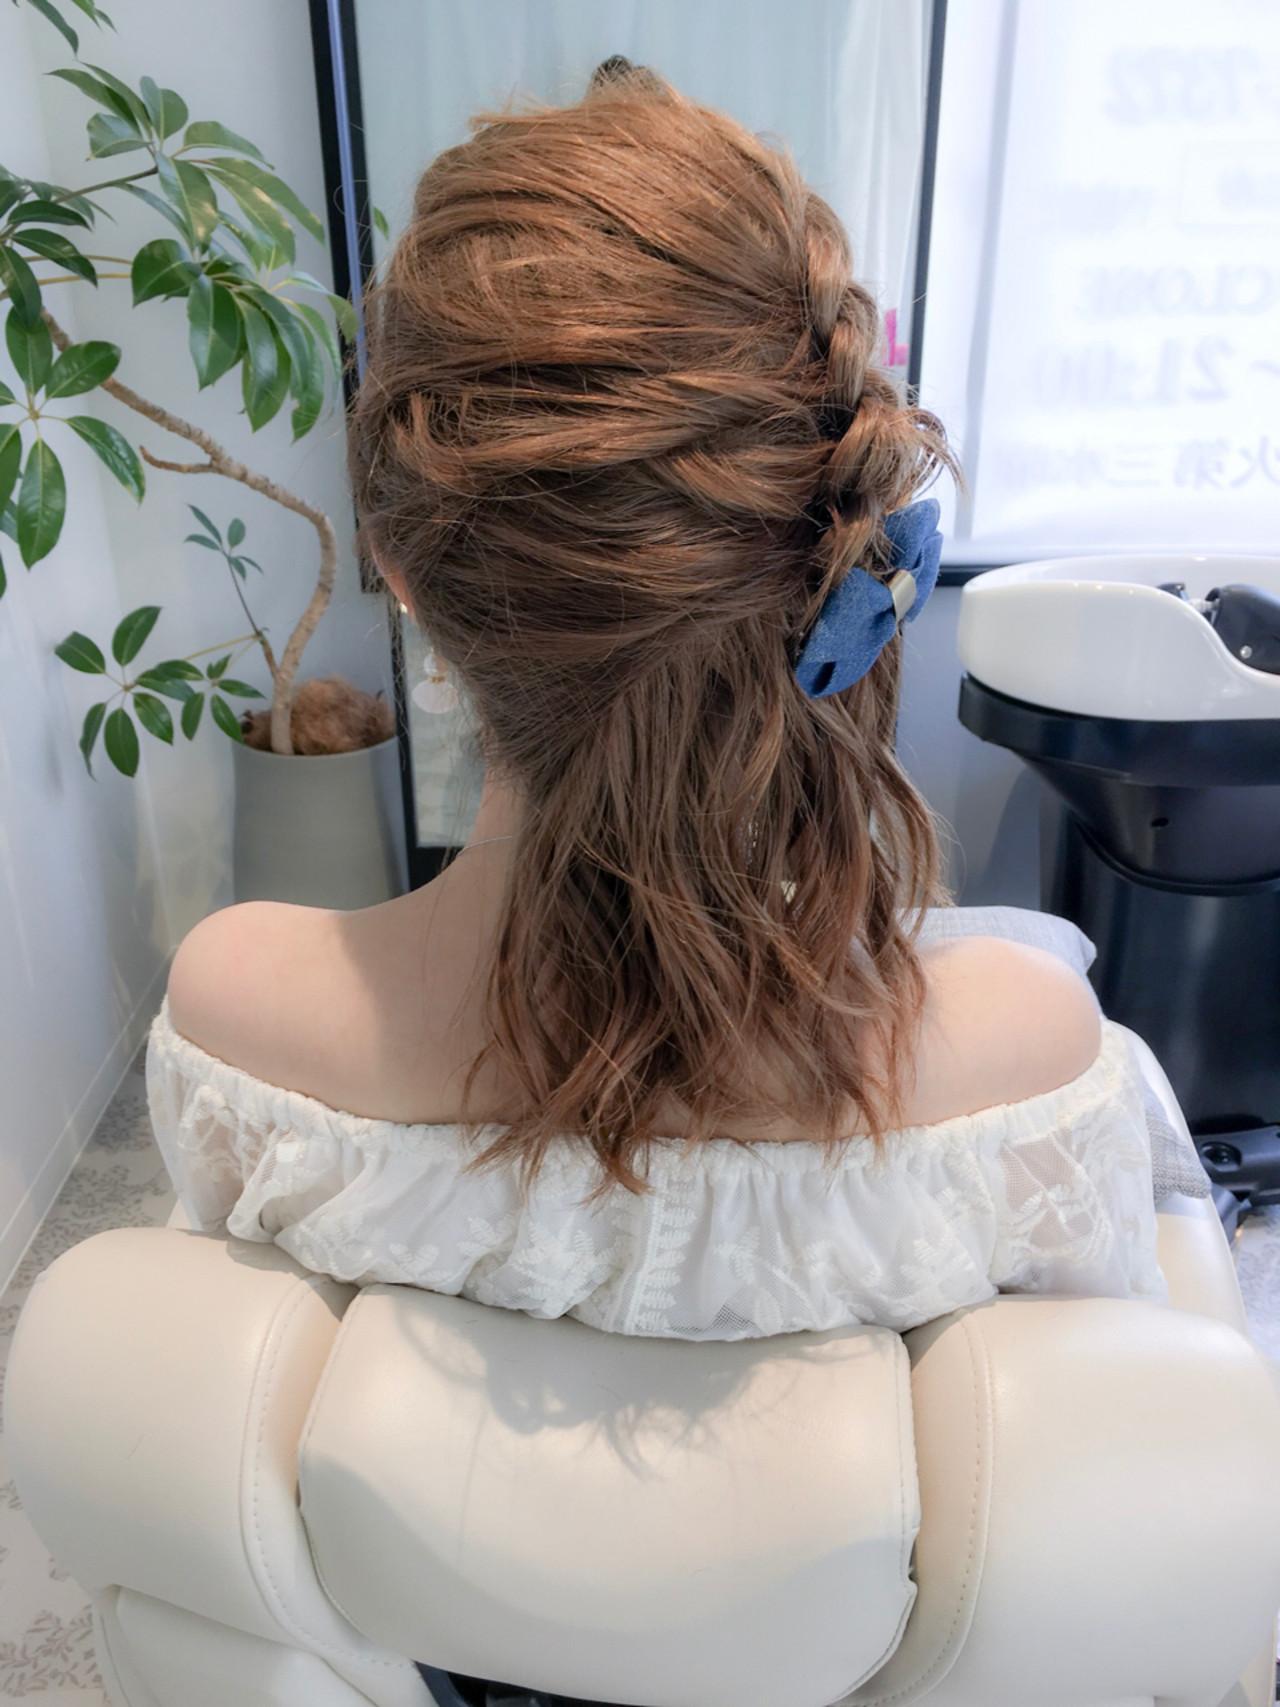 ガーリー ハーフアップ アウトドア 編み込み ヘアスタイルや髪型の写真・画像